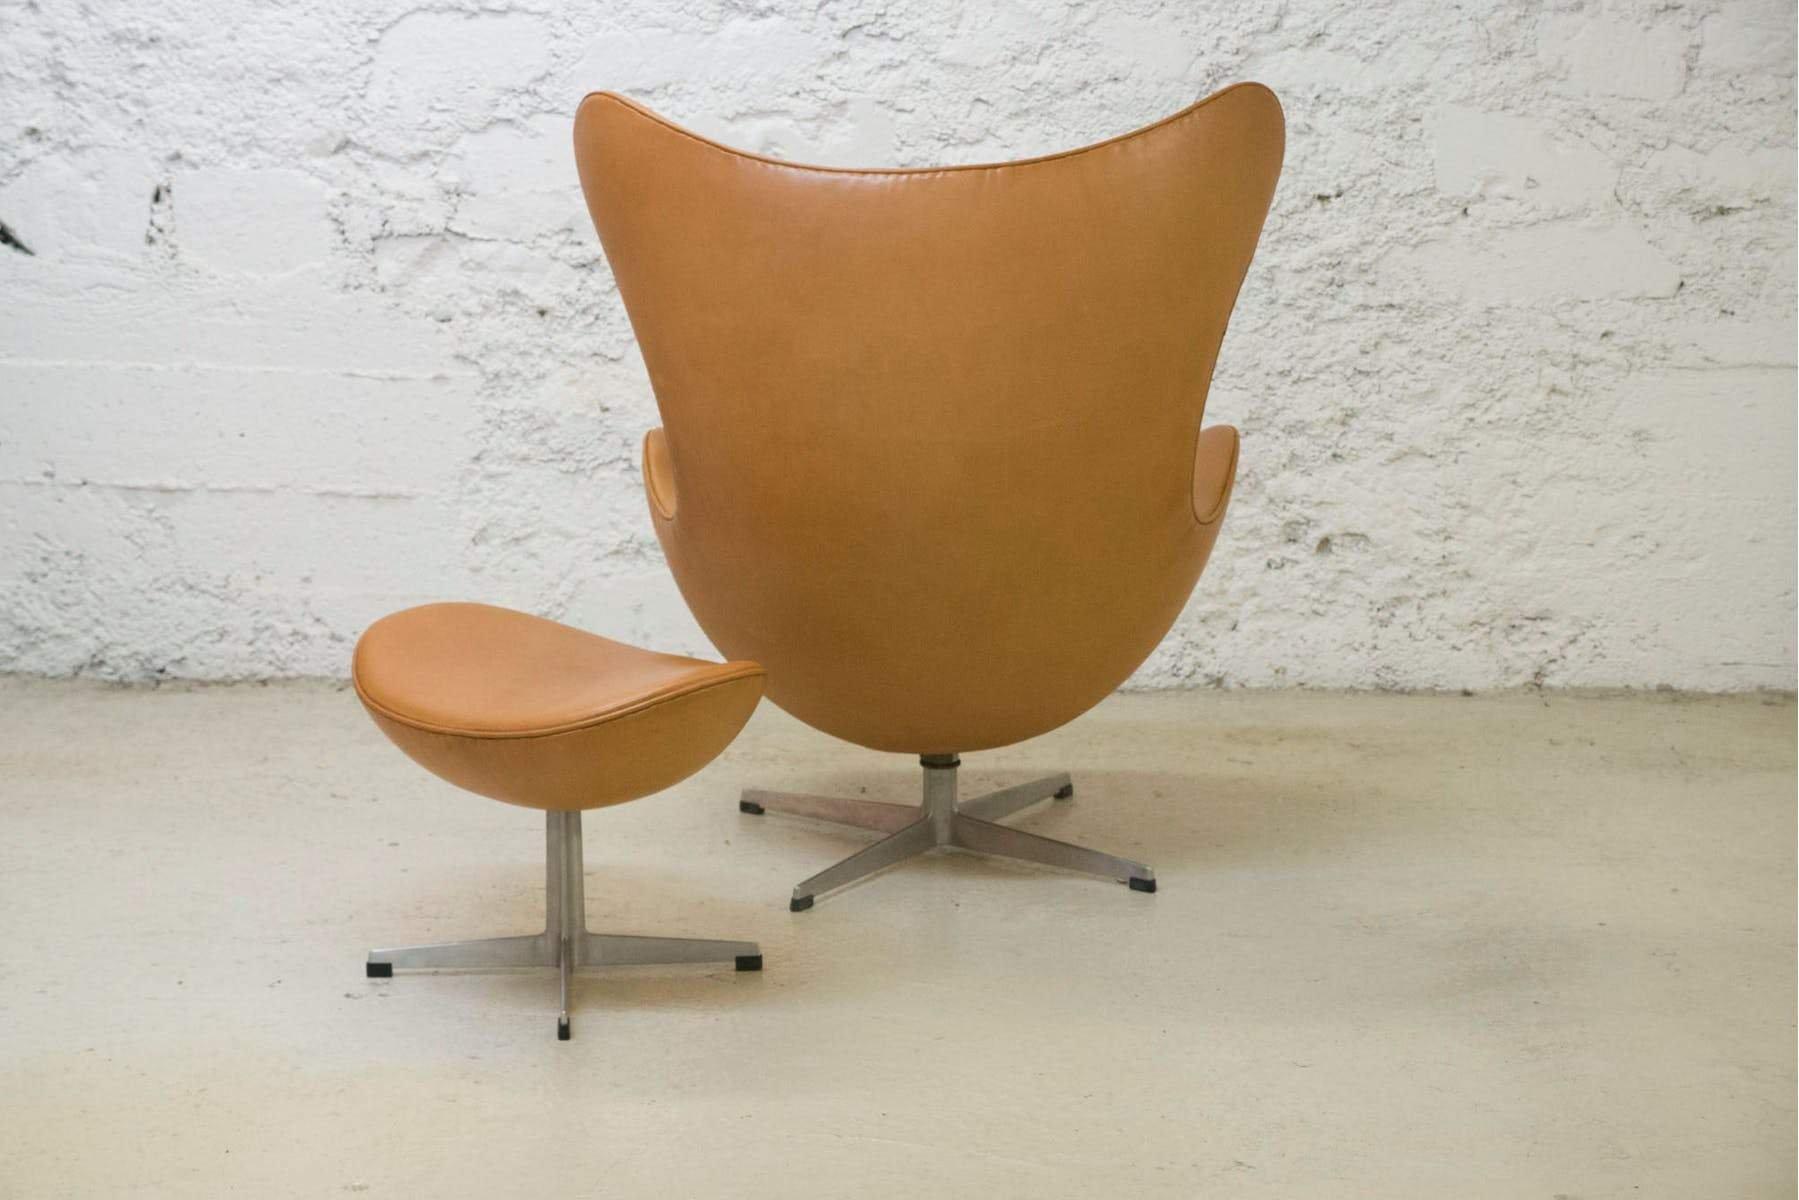 egg chair und ottomane aus cognacfarbenem leder von arne jacobsen 1964 bei pamono kaufen. Black Bedroom Furniture Sets. Home Design Ideas